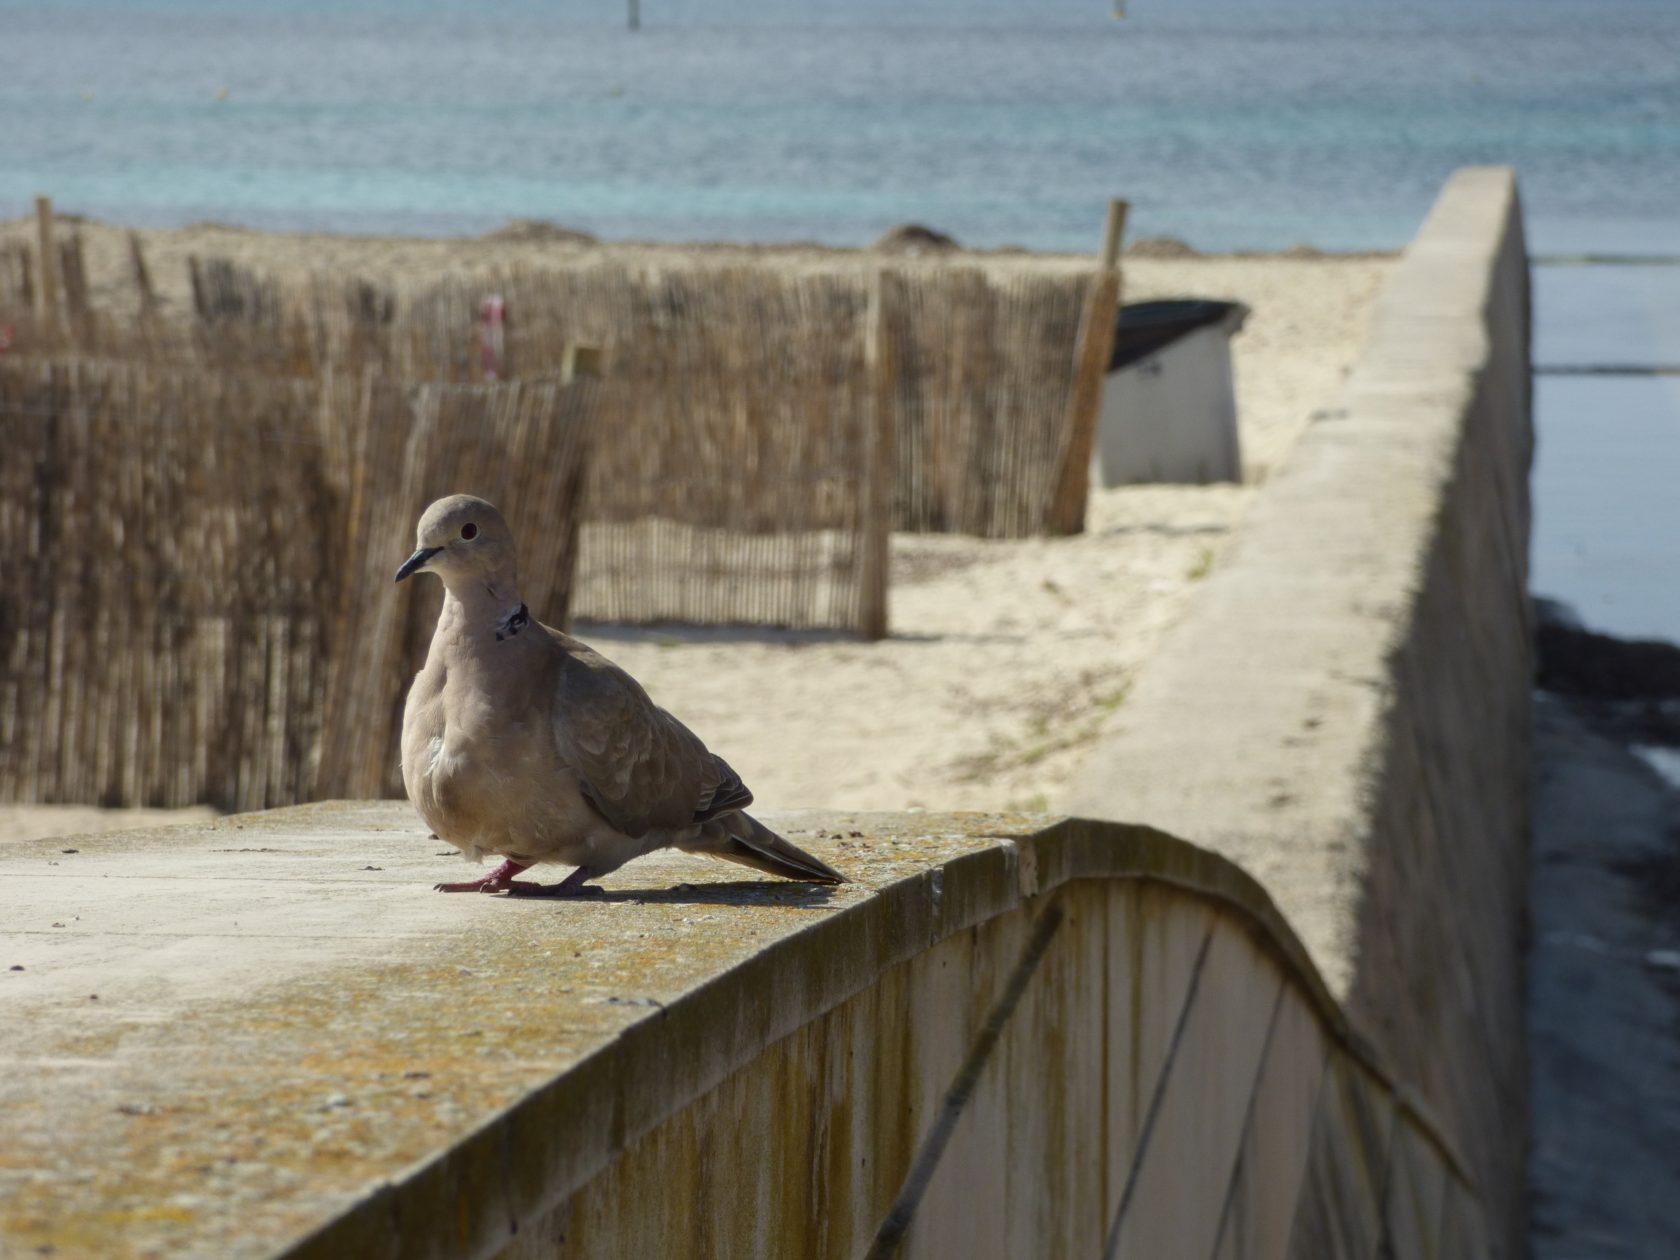 Auf der Mauer sitzt eine Taube gurr